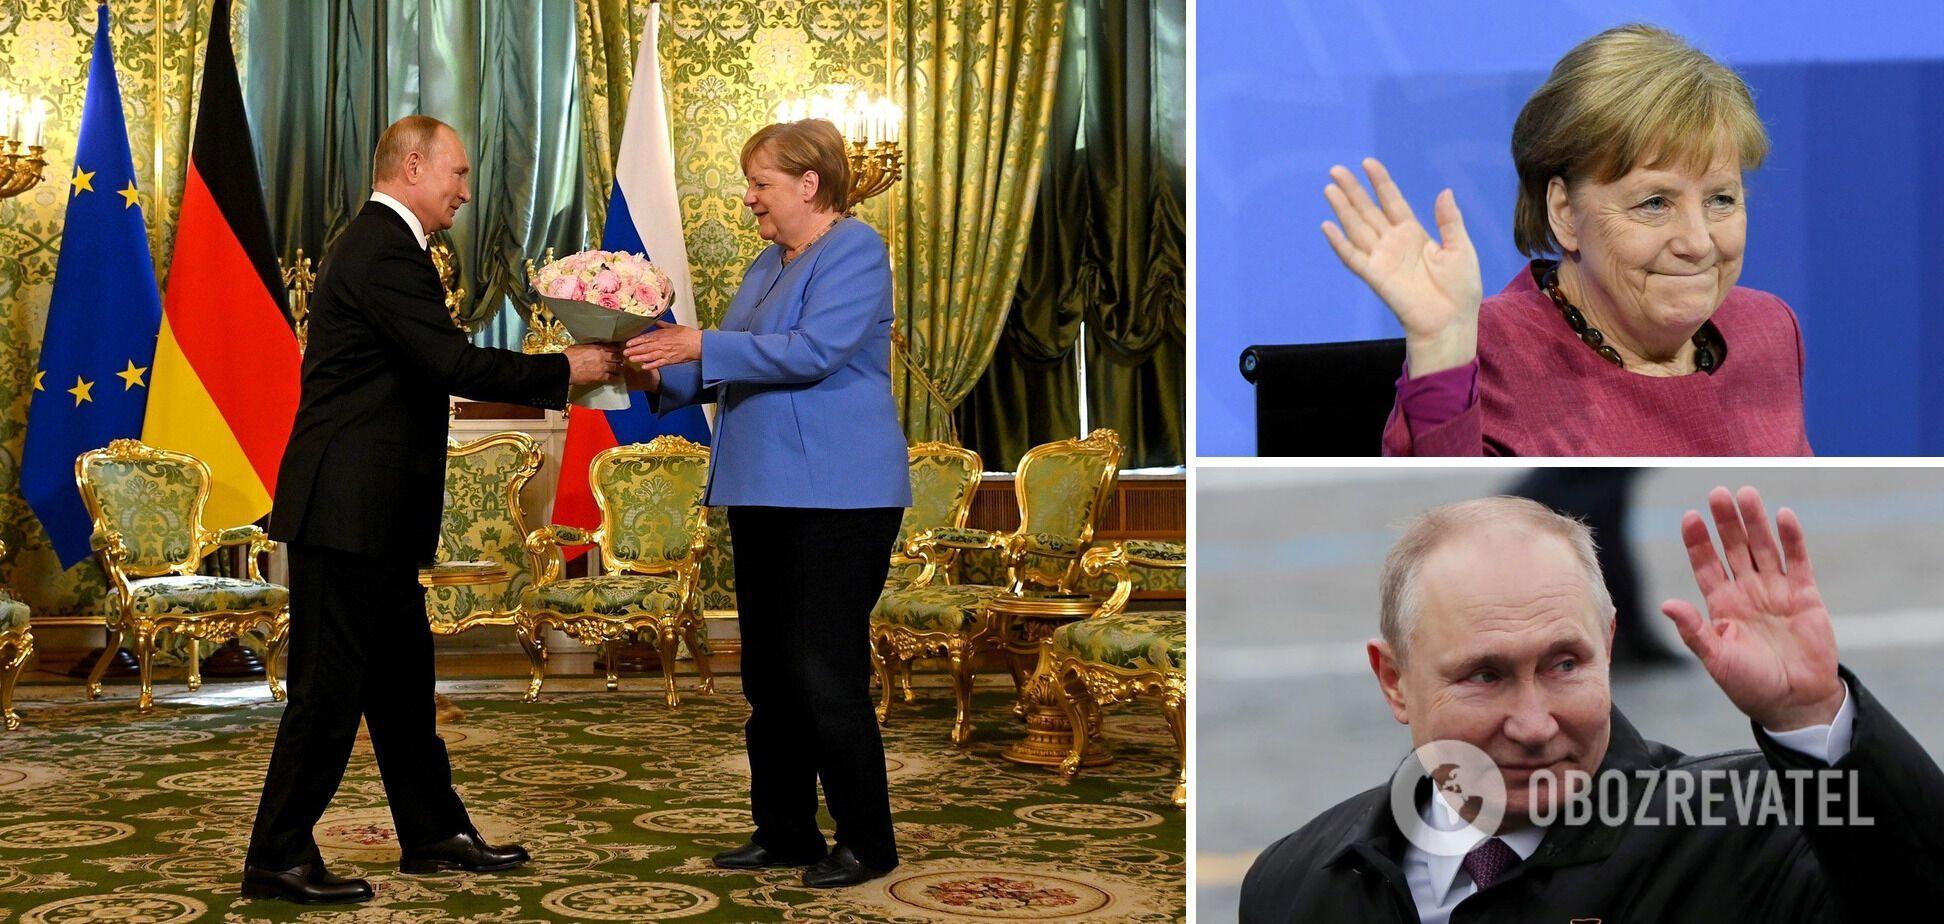 Прощание с Путиным: Меркель сделала все, что могла